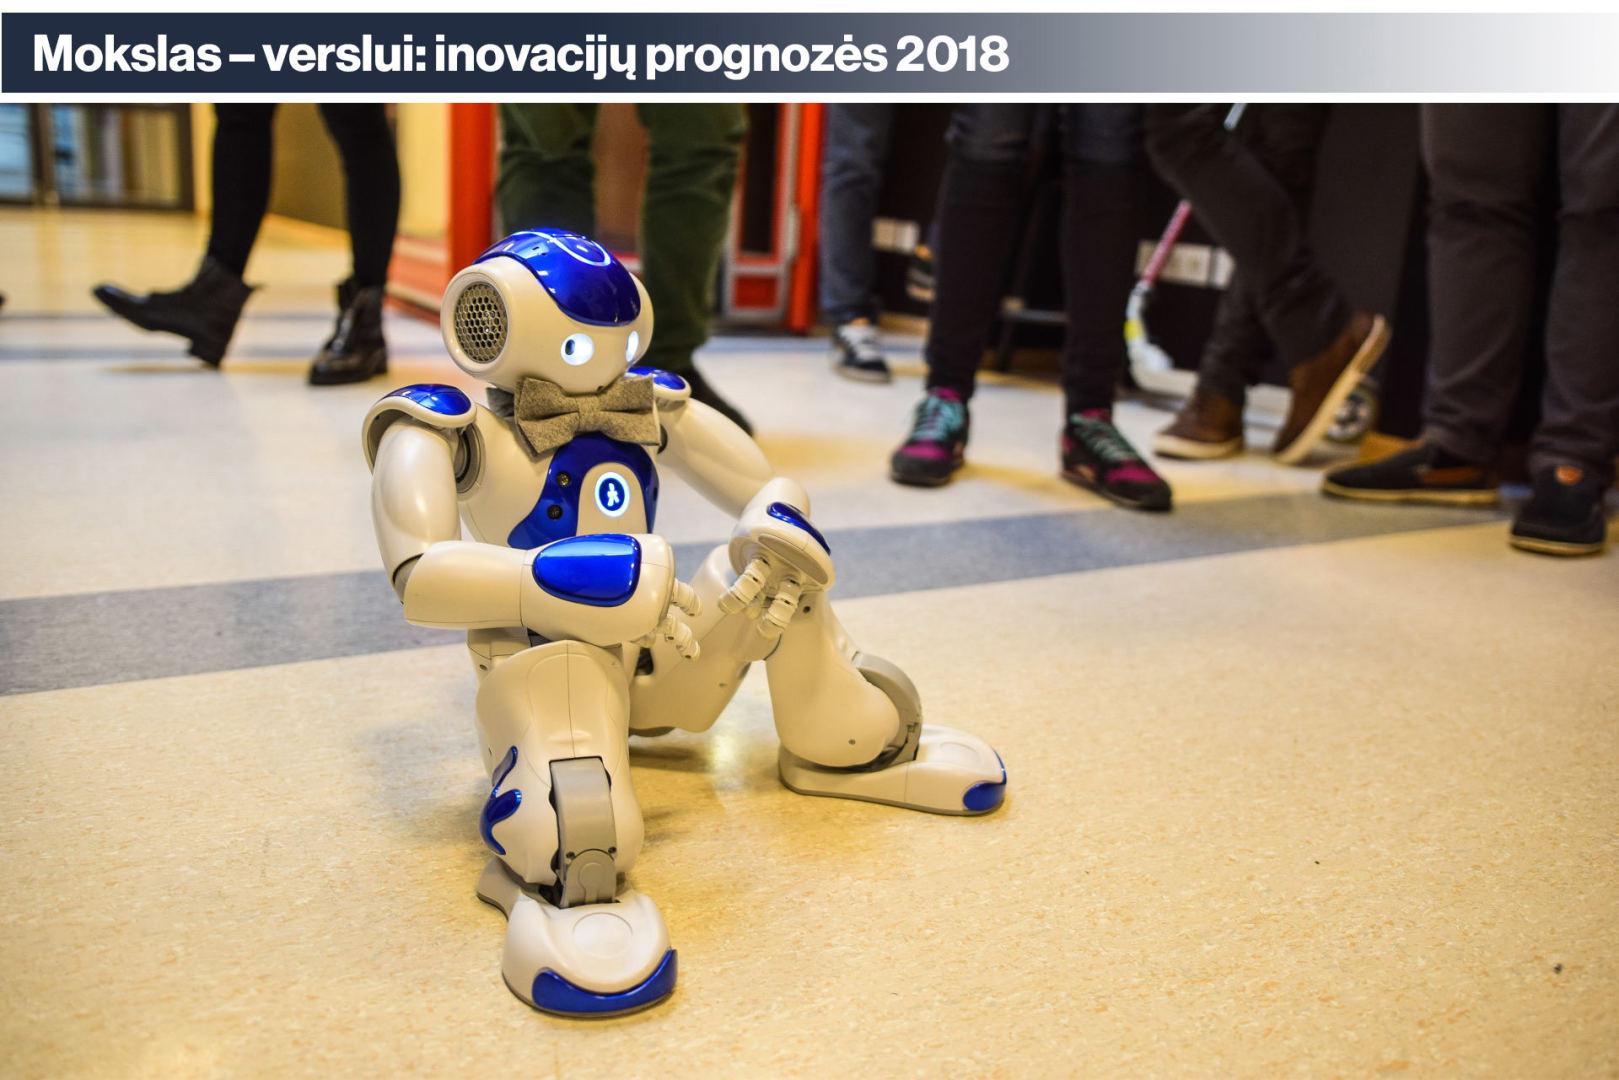 tikri prekybos robotai populiarios investicijų svetainės internete